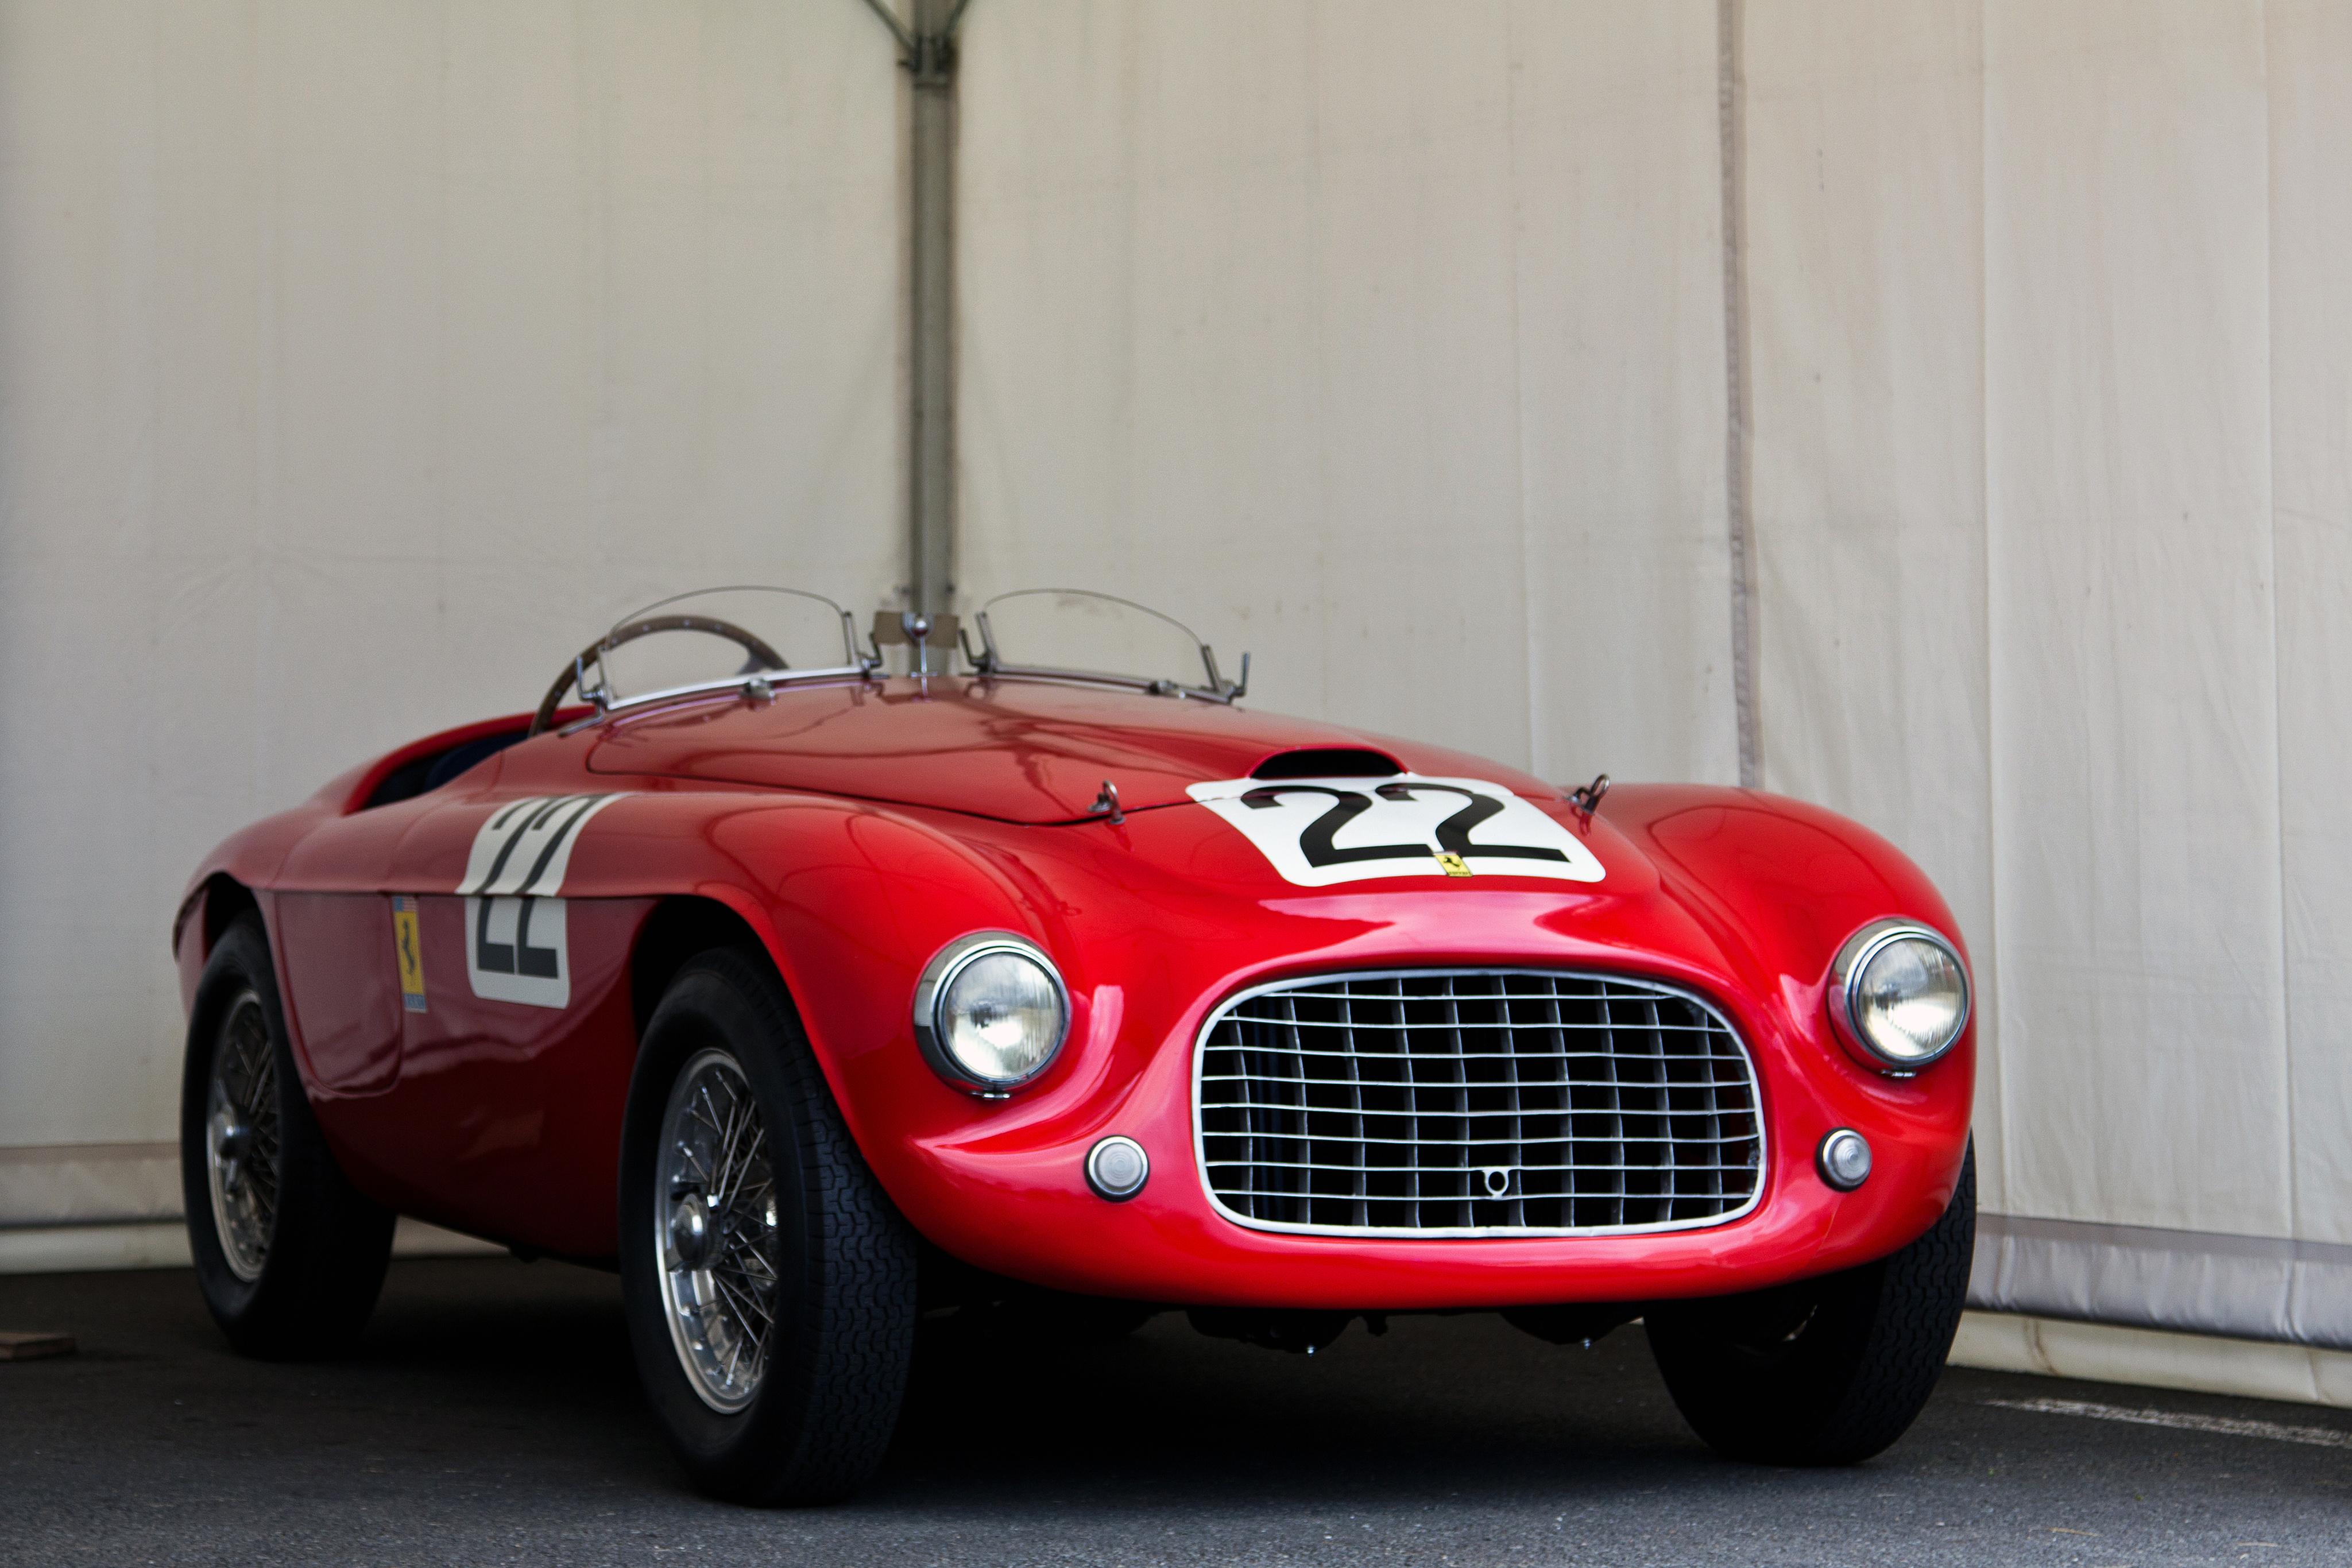 1948 Ferrari 166 Mm Barchetta 4k Ultra Hd Wallpaper Hintergrund 4096x2731 Id 757591 Wallpaper Abyss